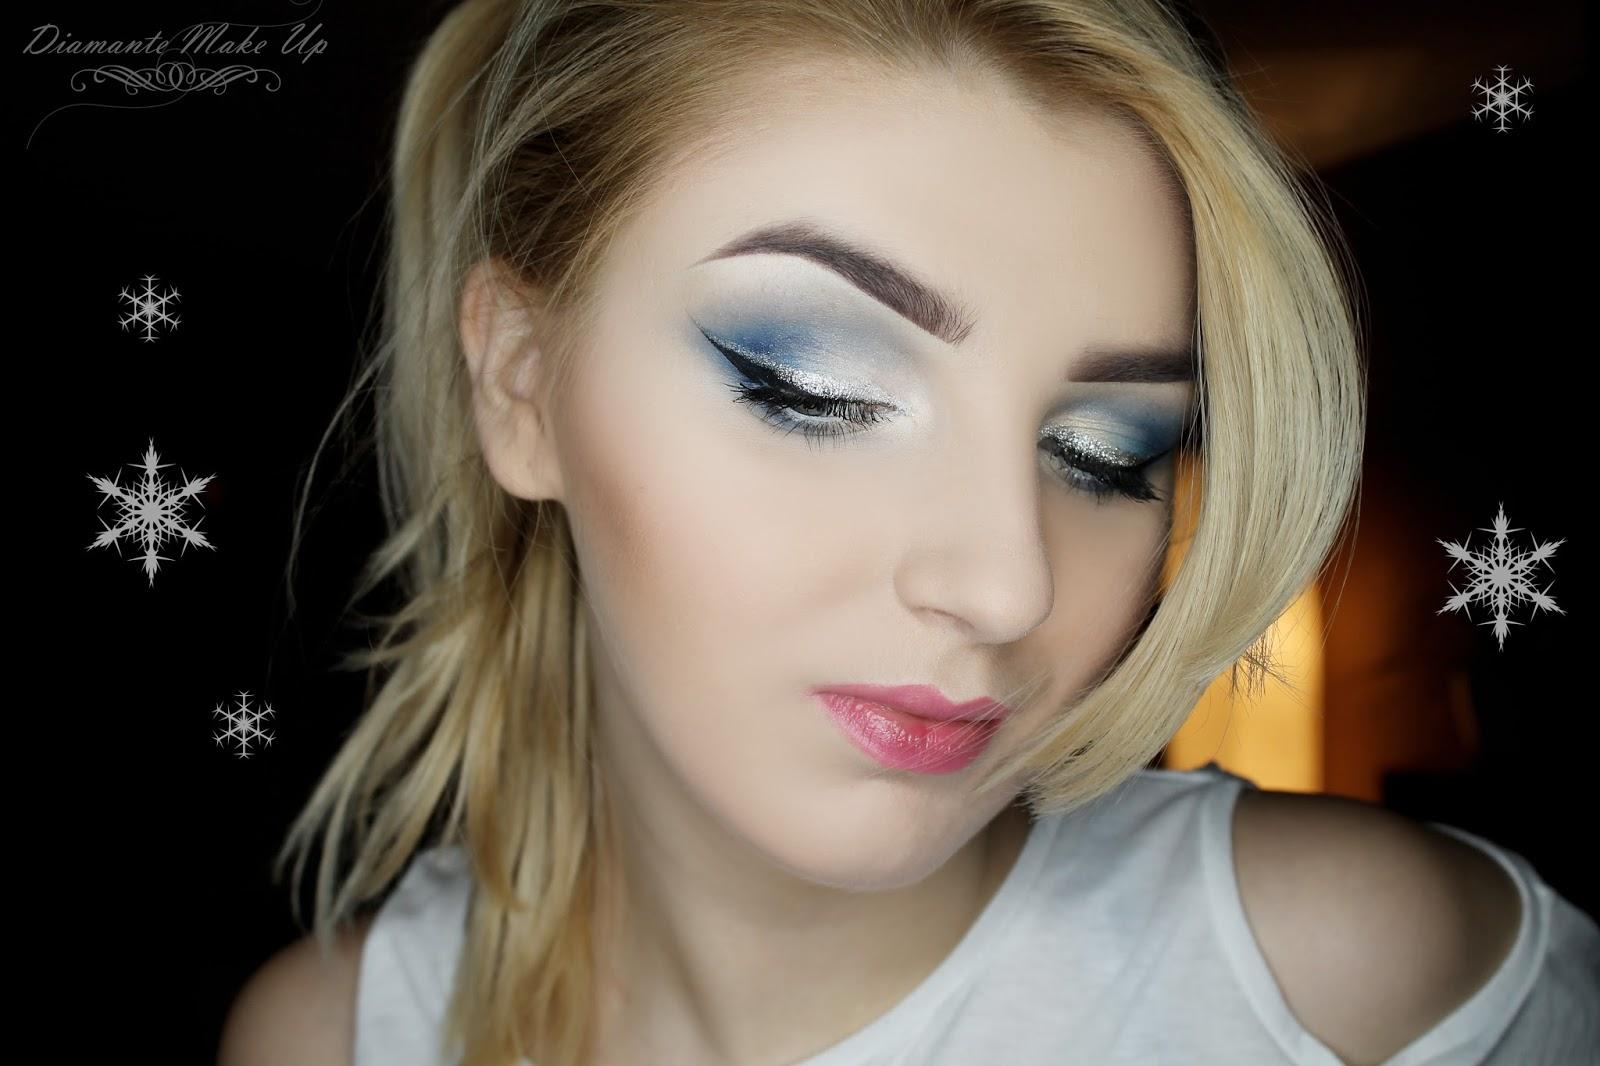 Zimowy makijaż z błyskiem kosmetykami Vipera